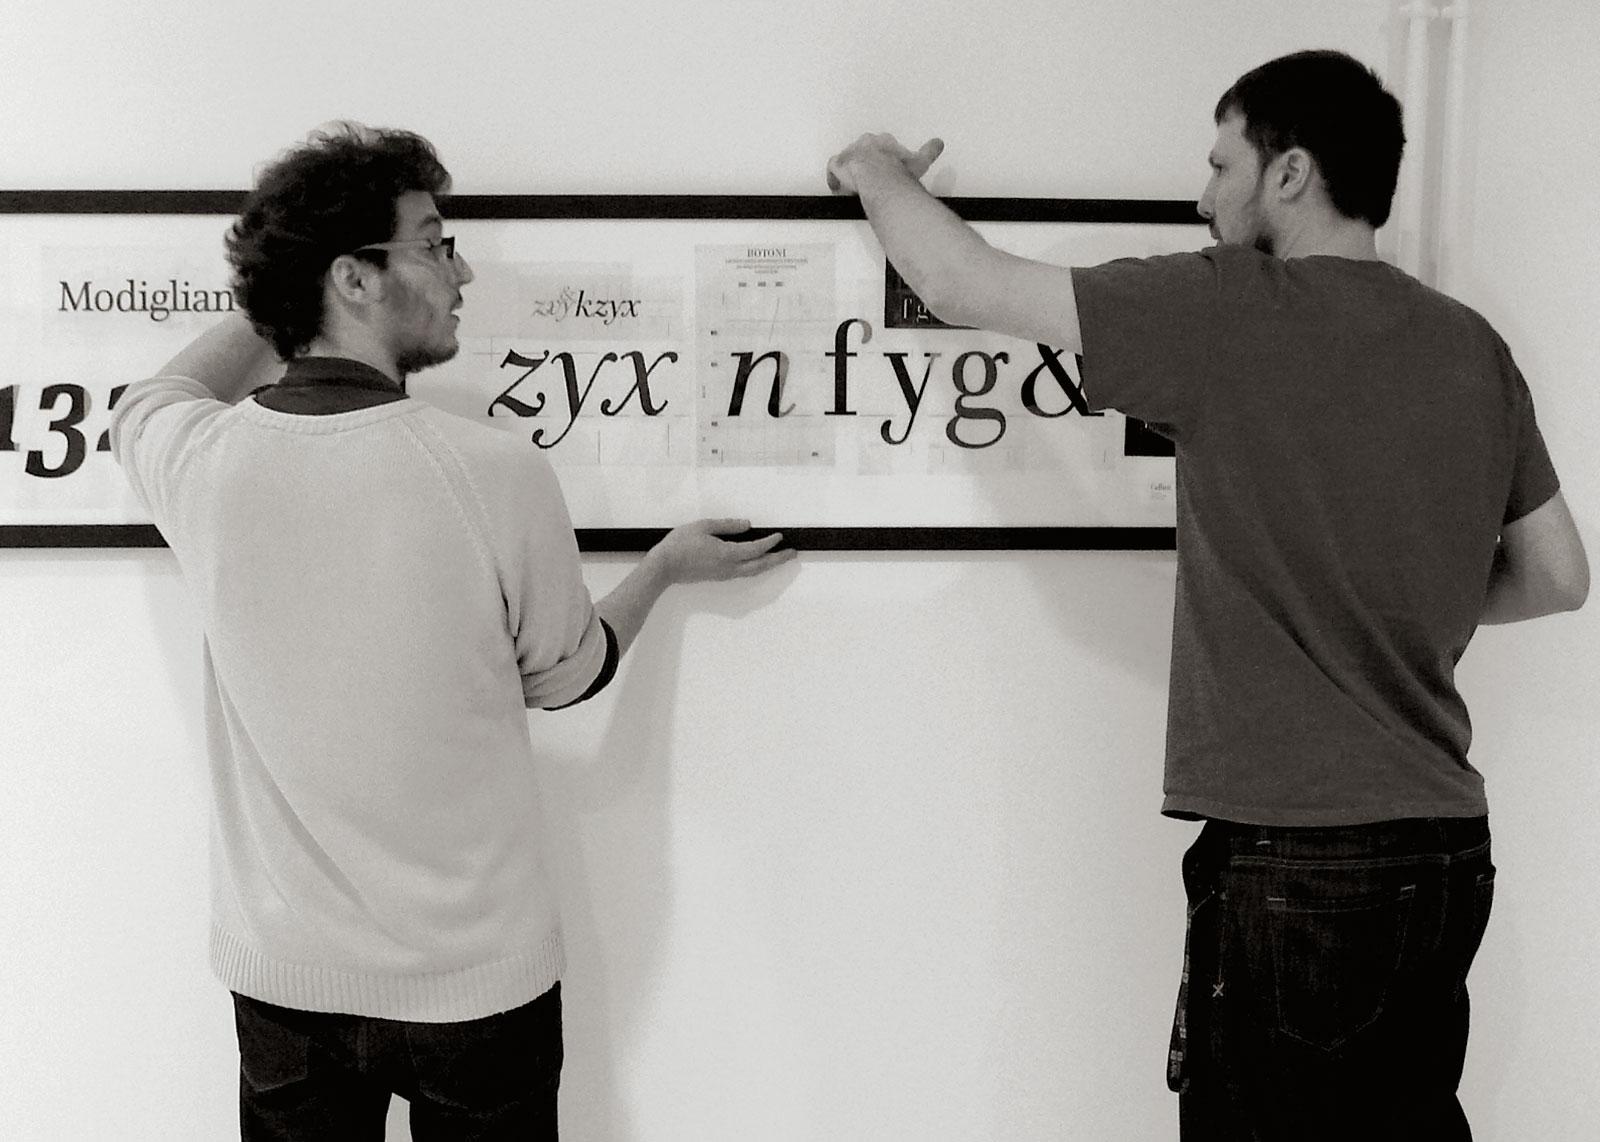 Accrochage, originaux du caractère Cellini. Thierry Fétiveau et Mike Sabbagh, 26 novembre 2012 (photo Olivier Nineuil).